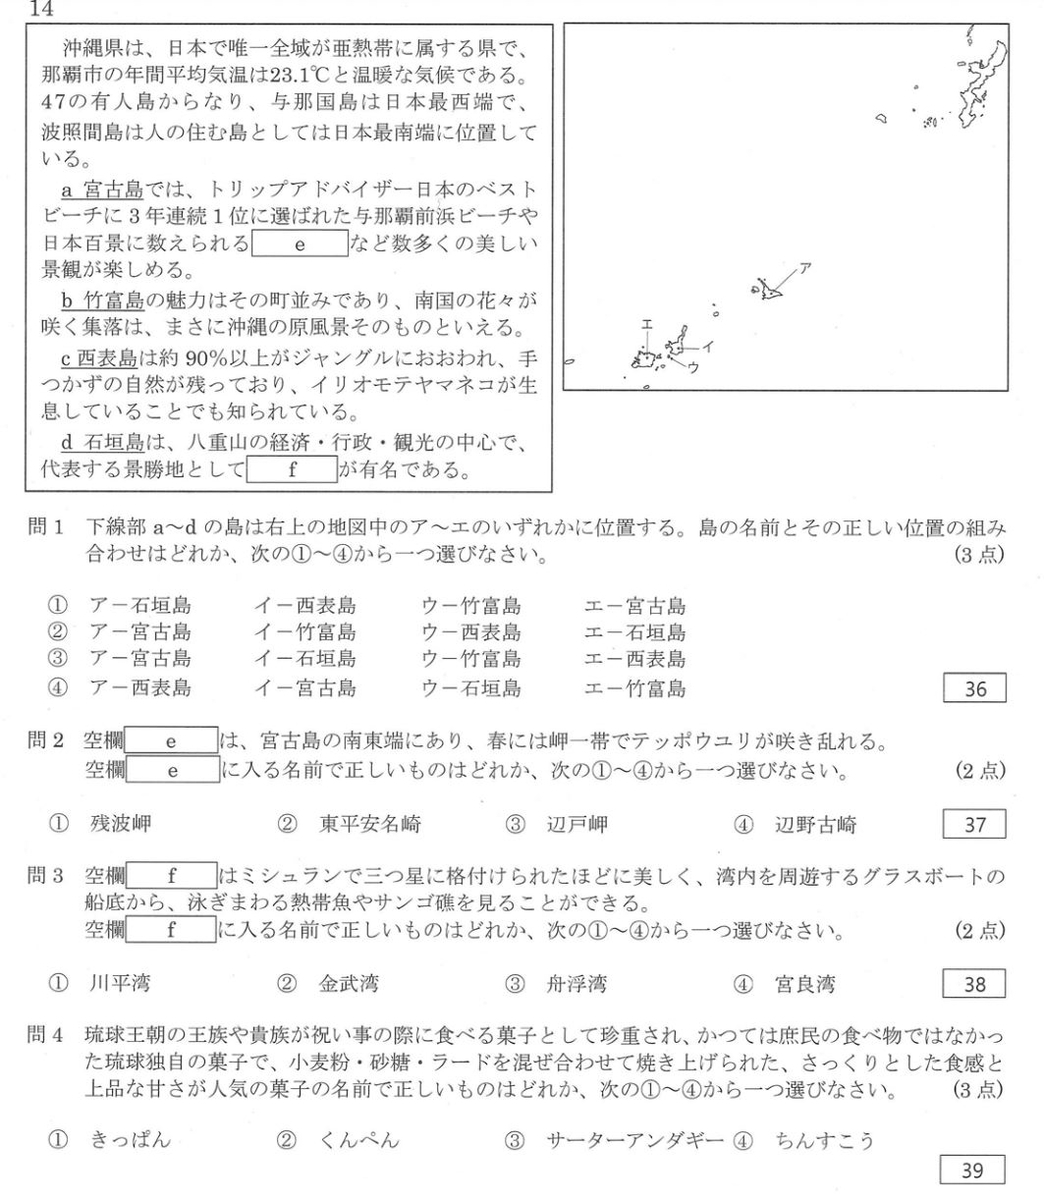 2018年通訳案内士過去問(沖縄)